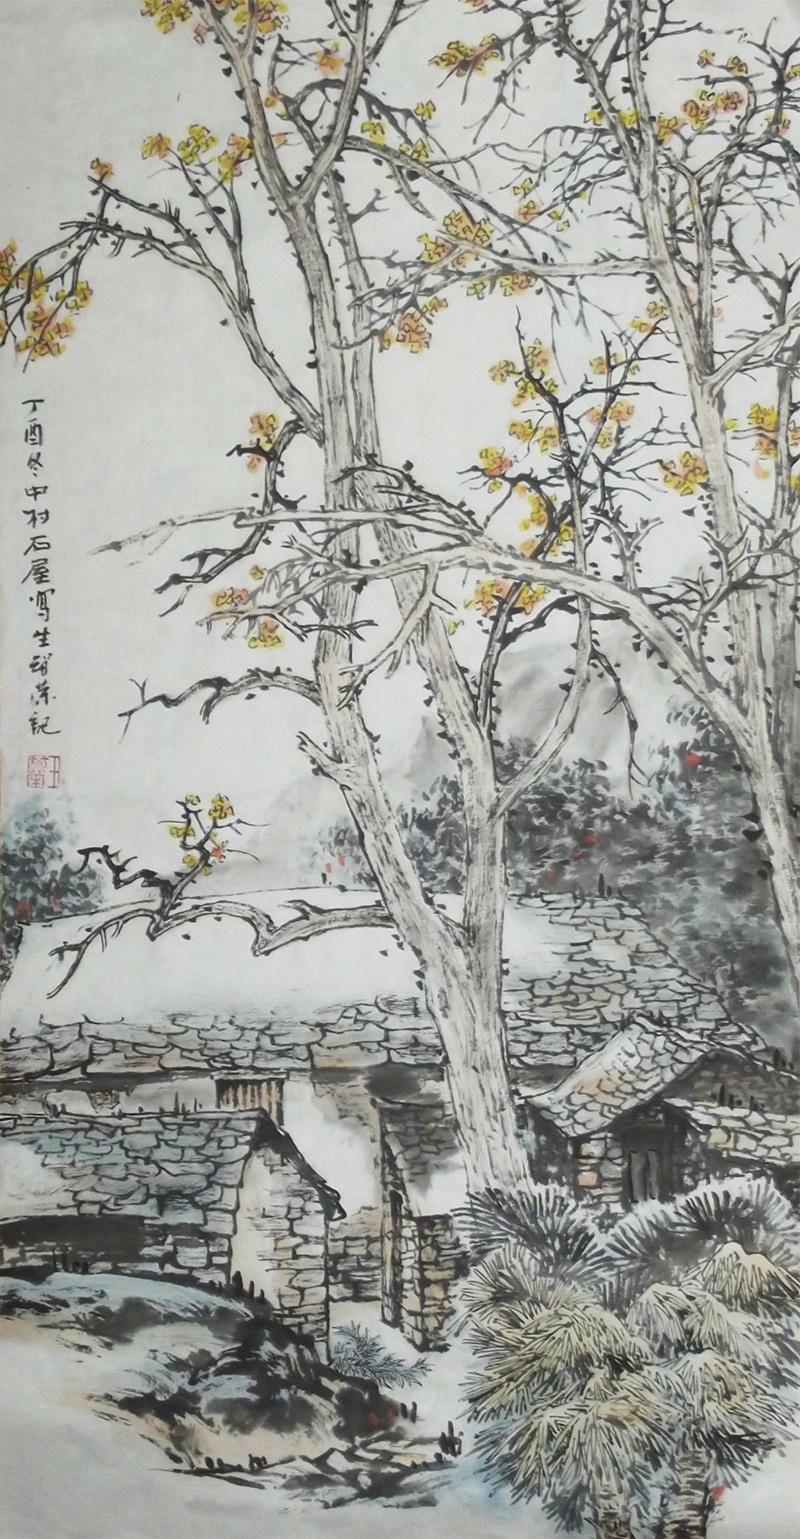 王智荣作品之一 (8)